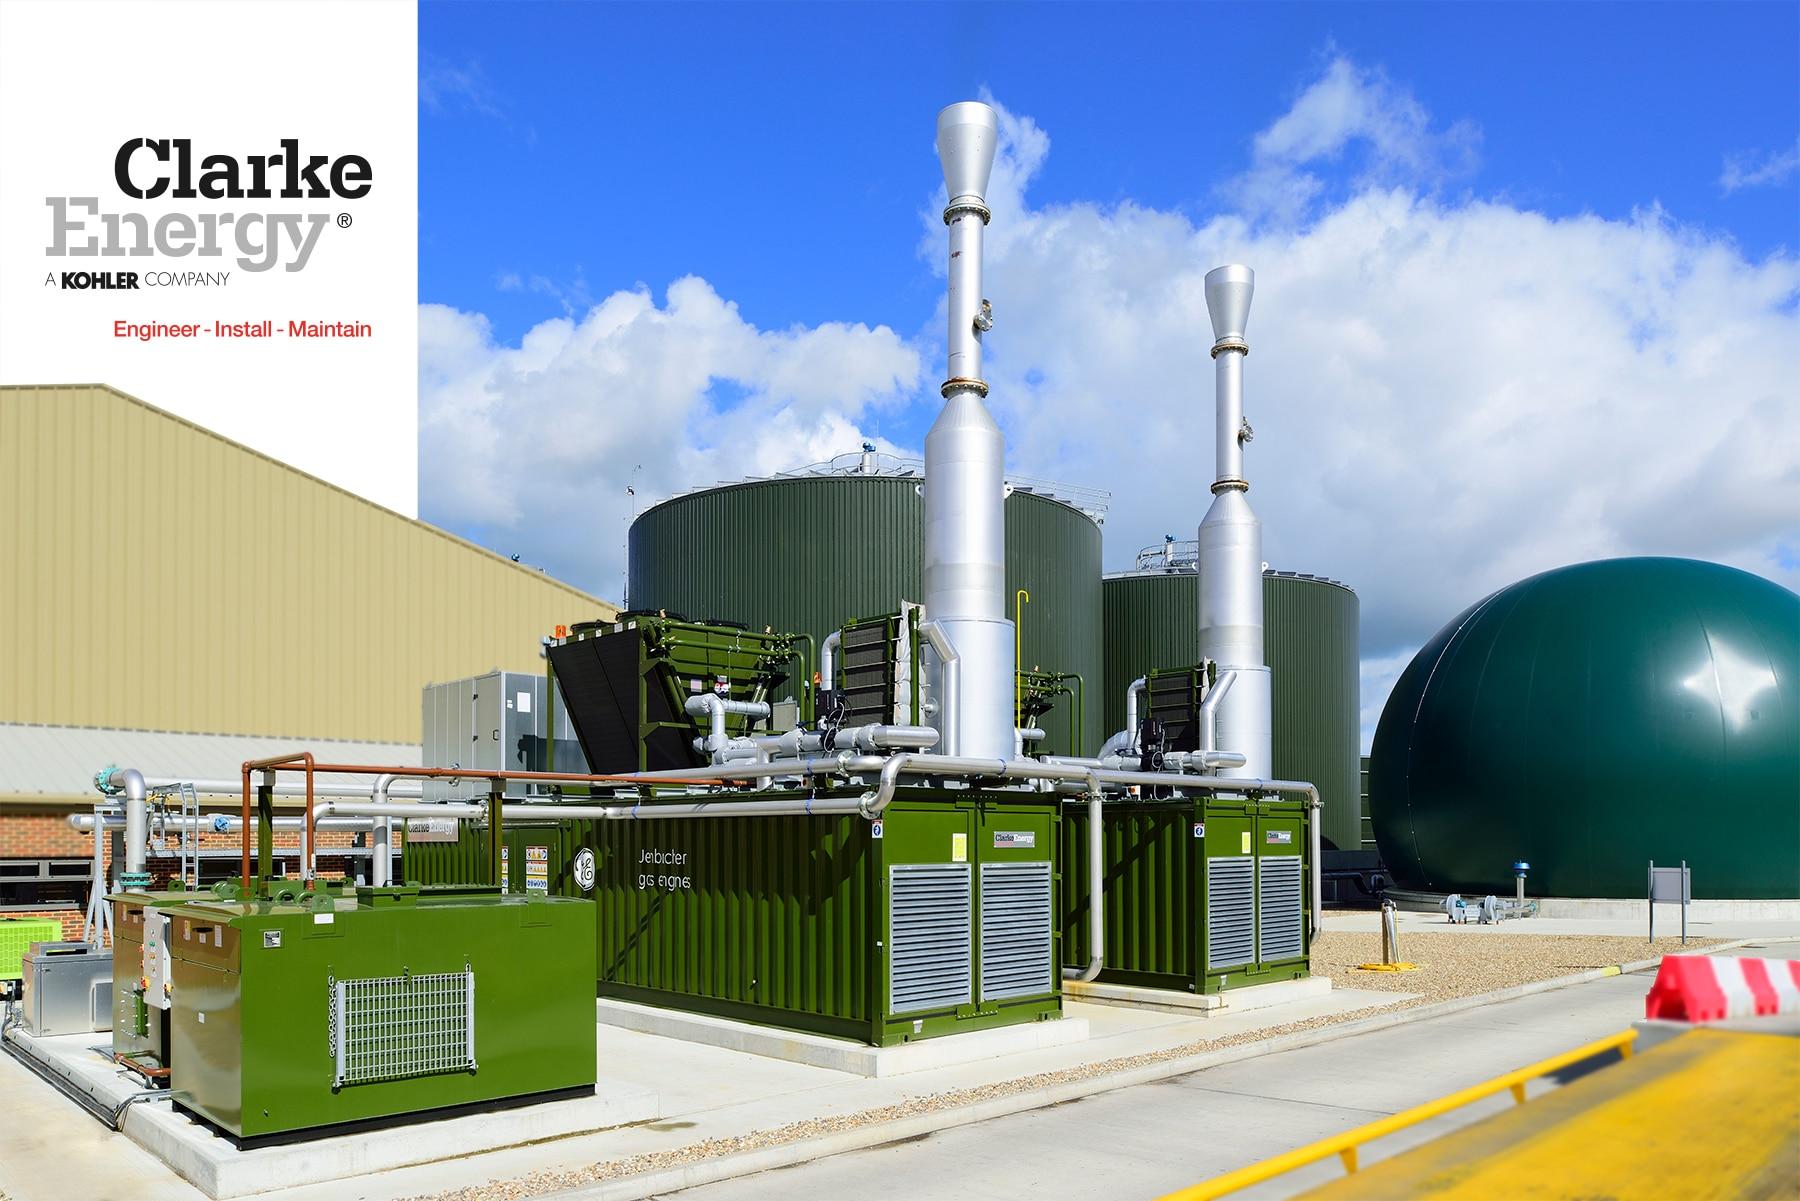 Bygrave Clarke Energy Biogas 2